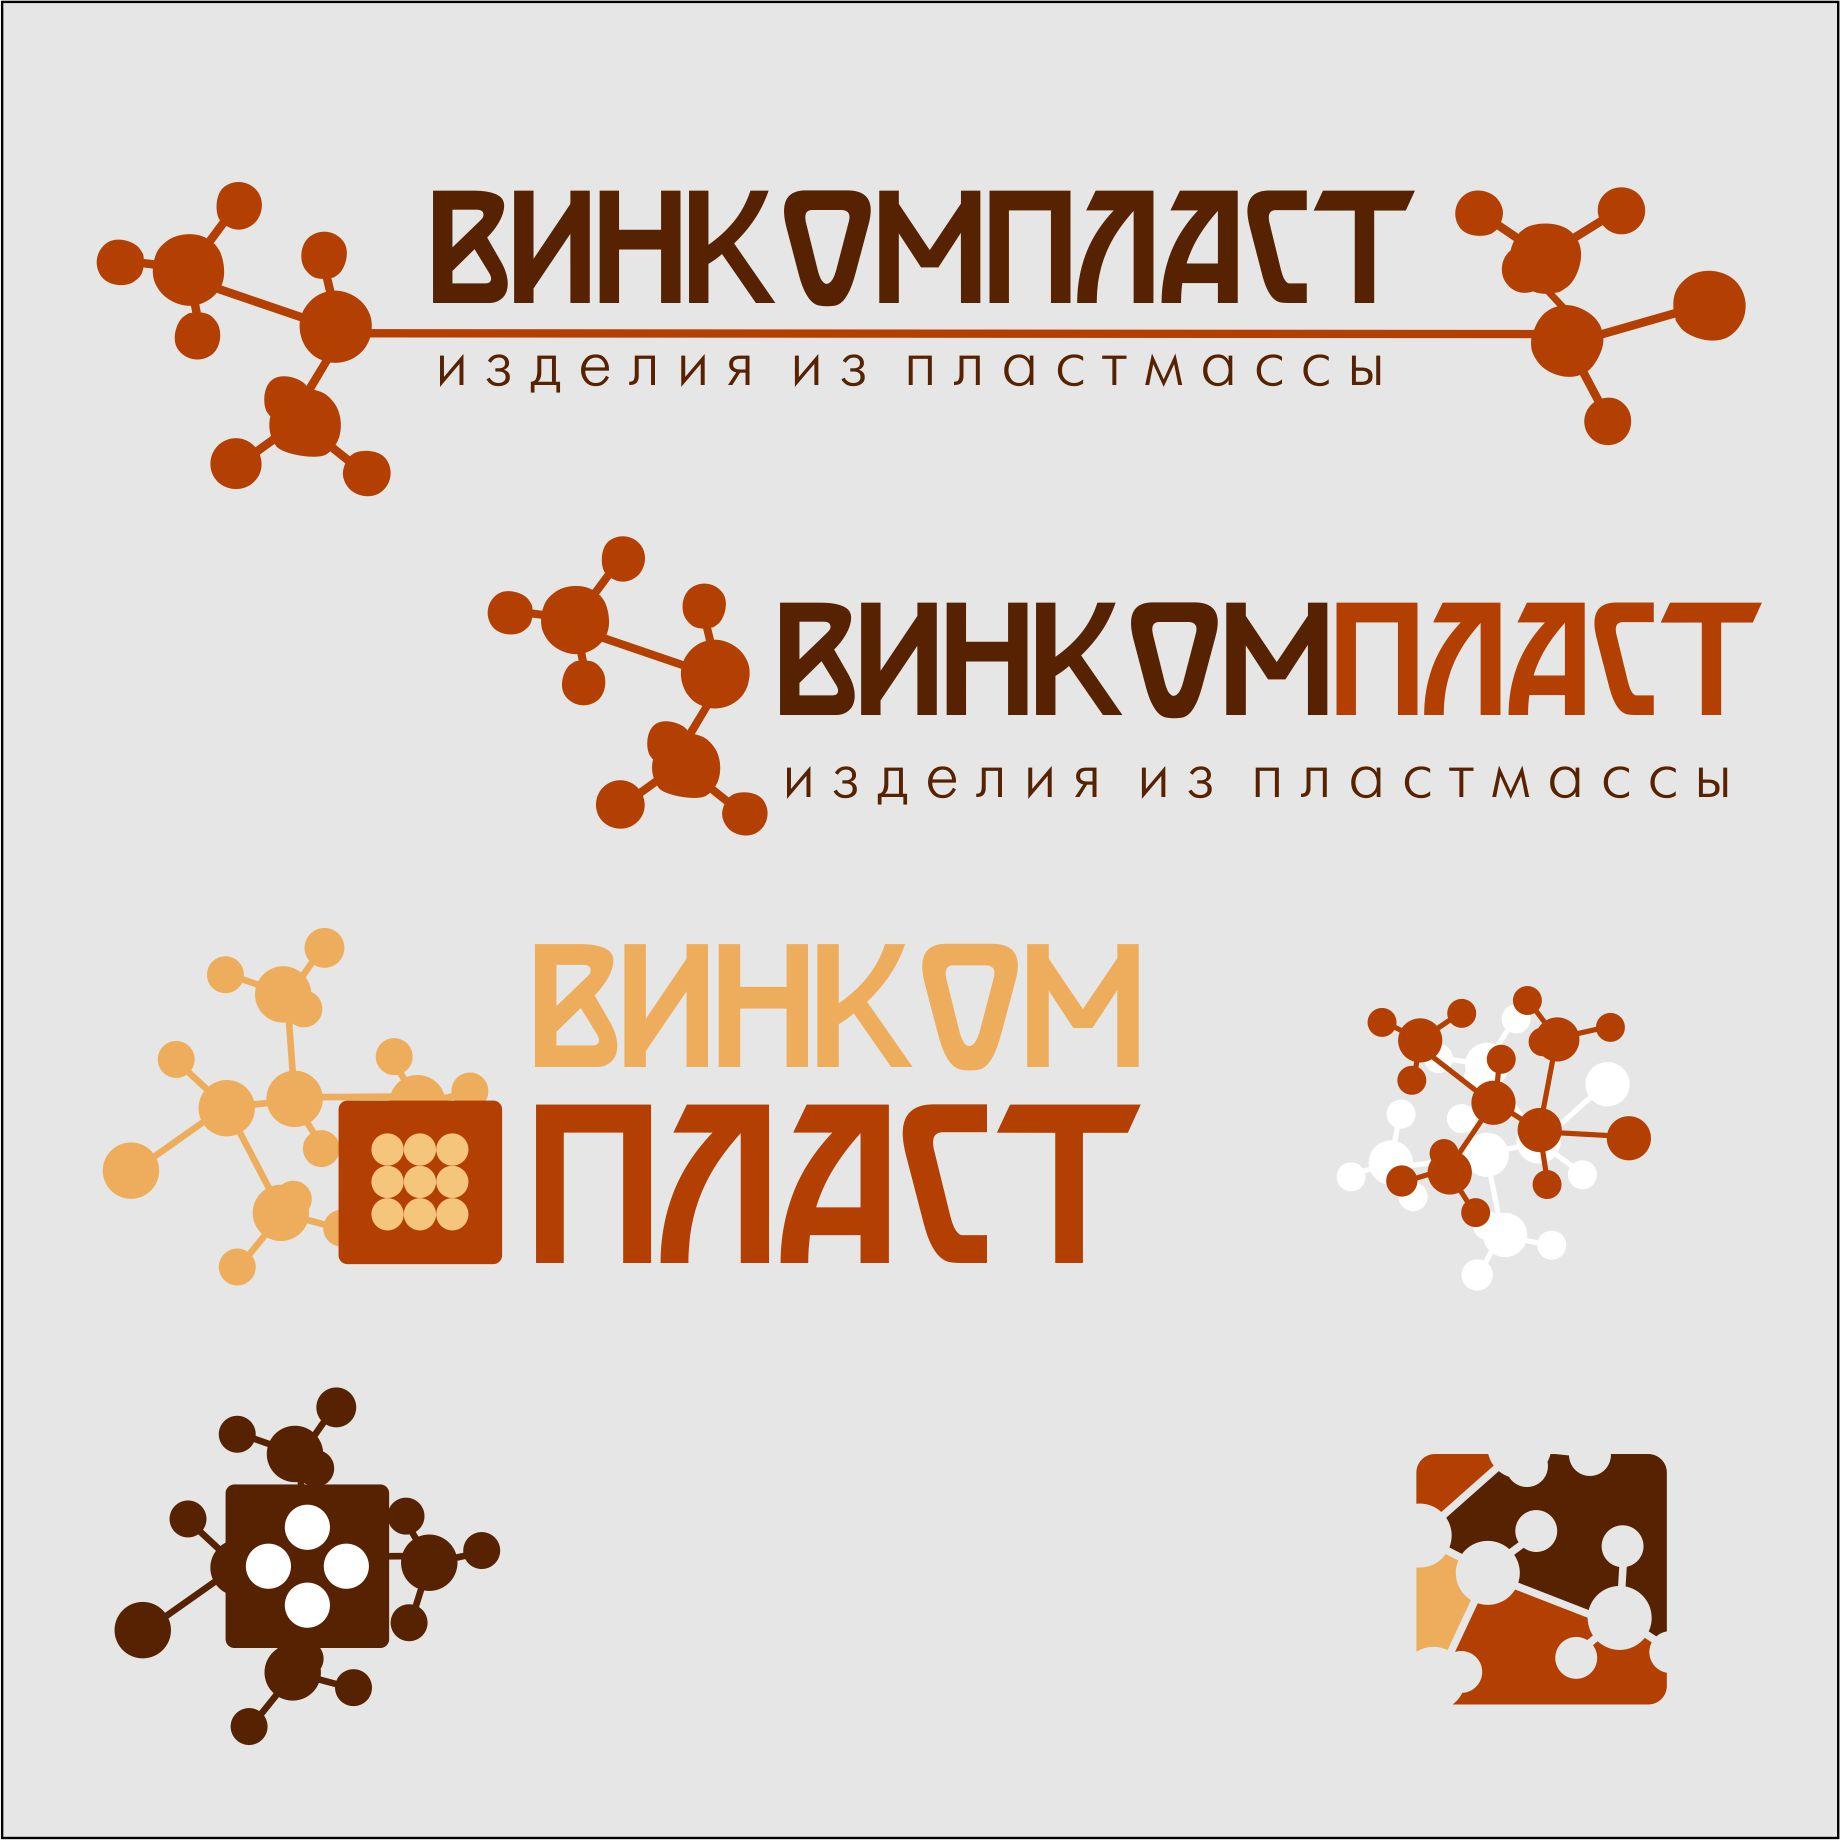 Логотип, фавикон и визитка для компании Винком Пласт  фото f_4845c479b8bbf686.jpg